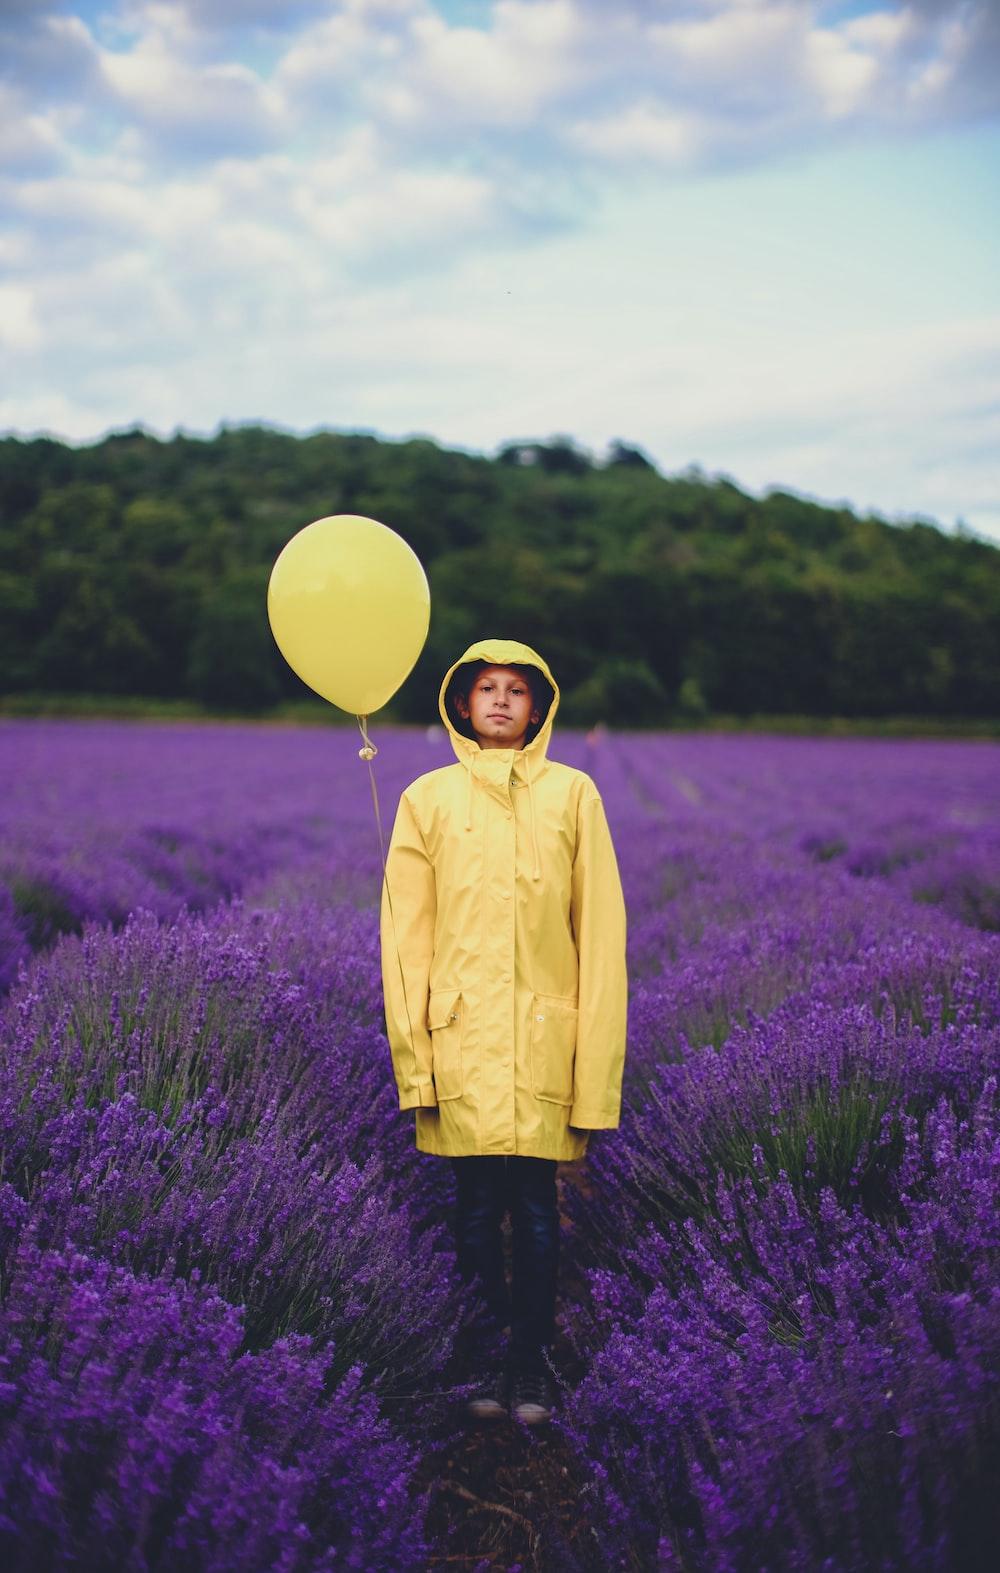 woman in yellow dress shirt near purple flower field